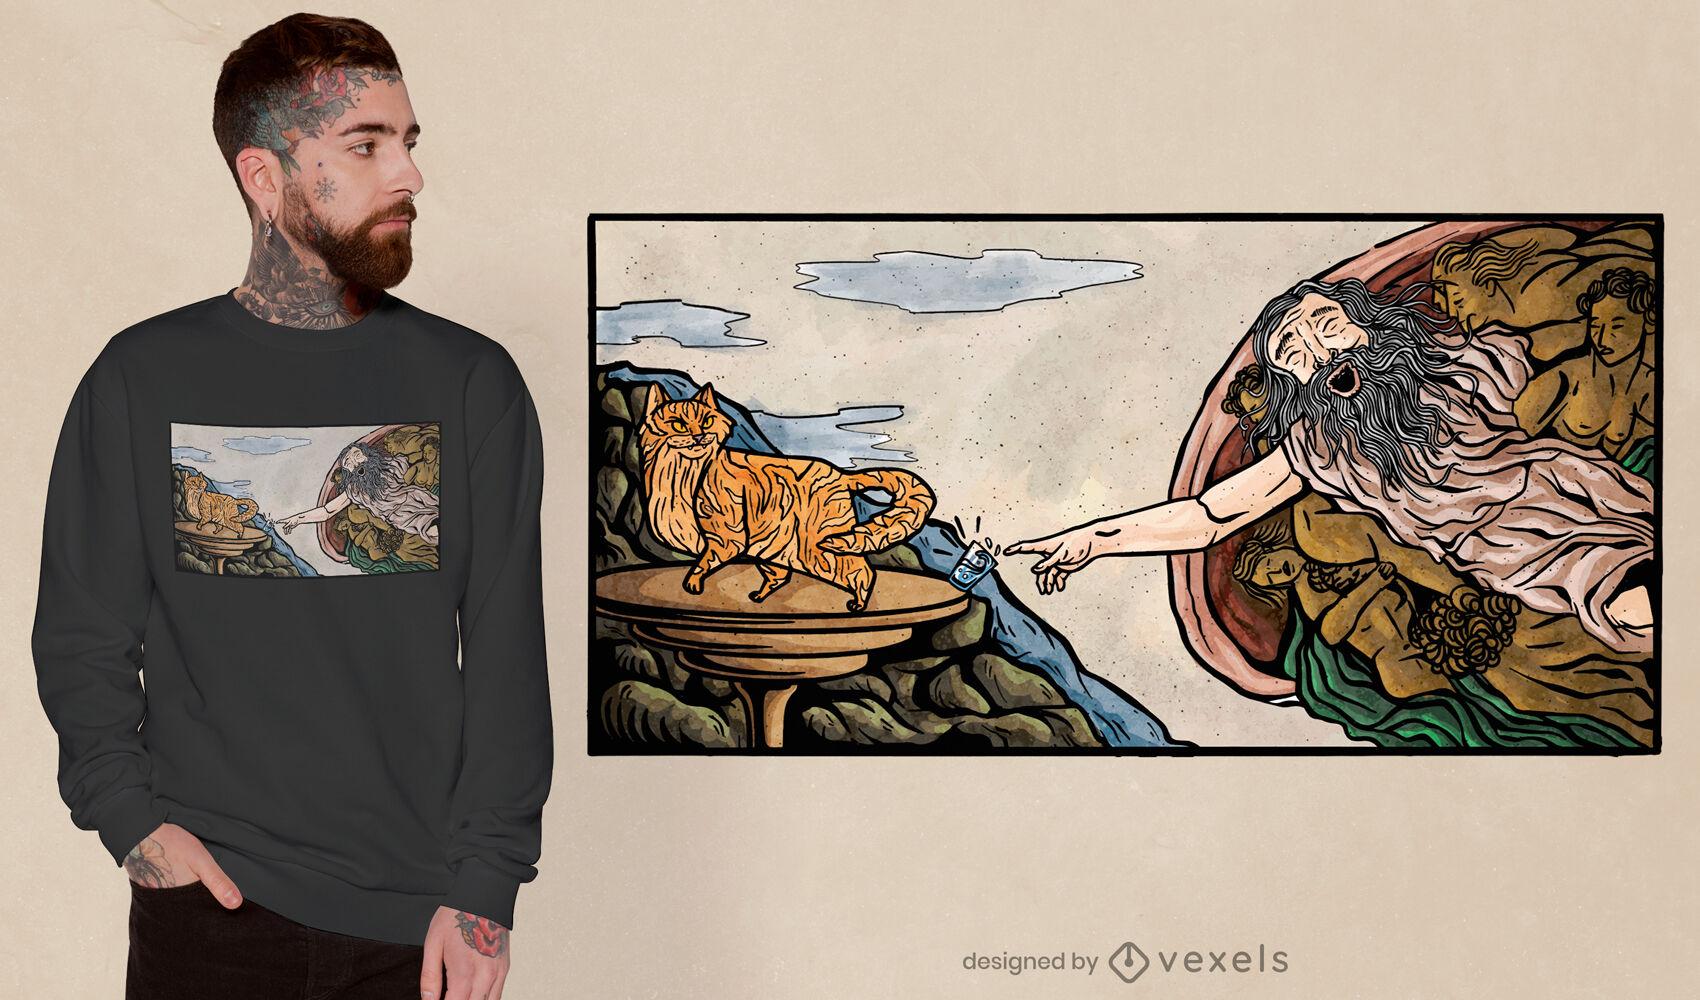 Dise?o de camiseta de pintura de creaci?n de gato.